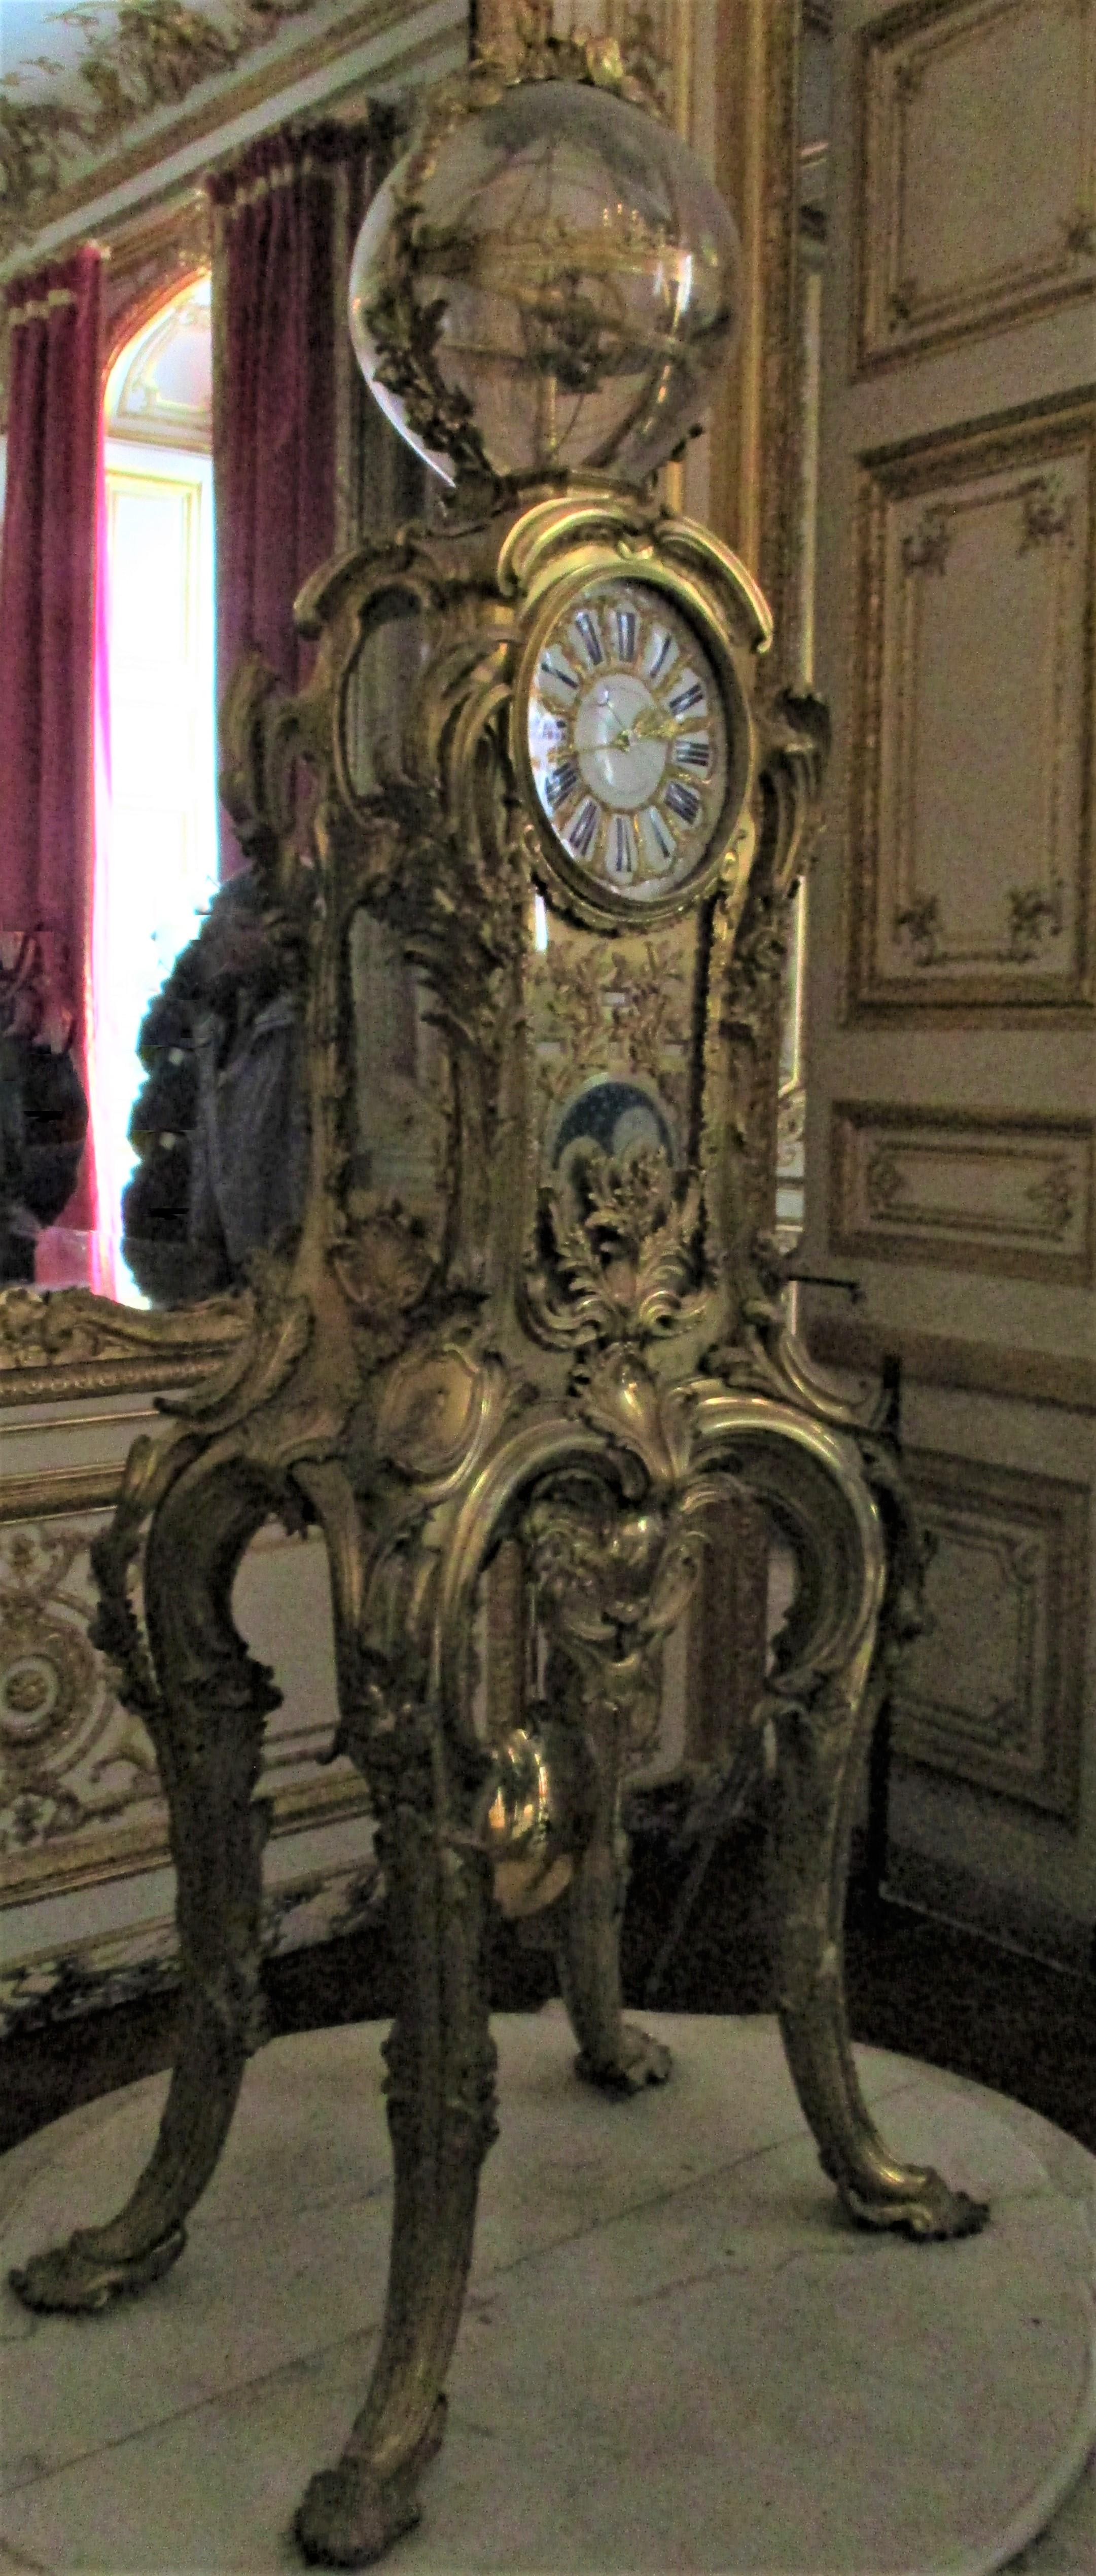 Astronomical clock, Versailles